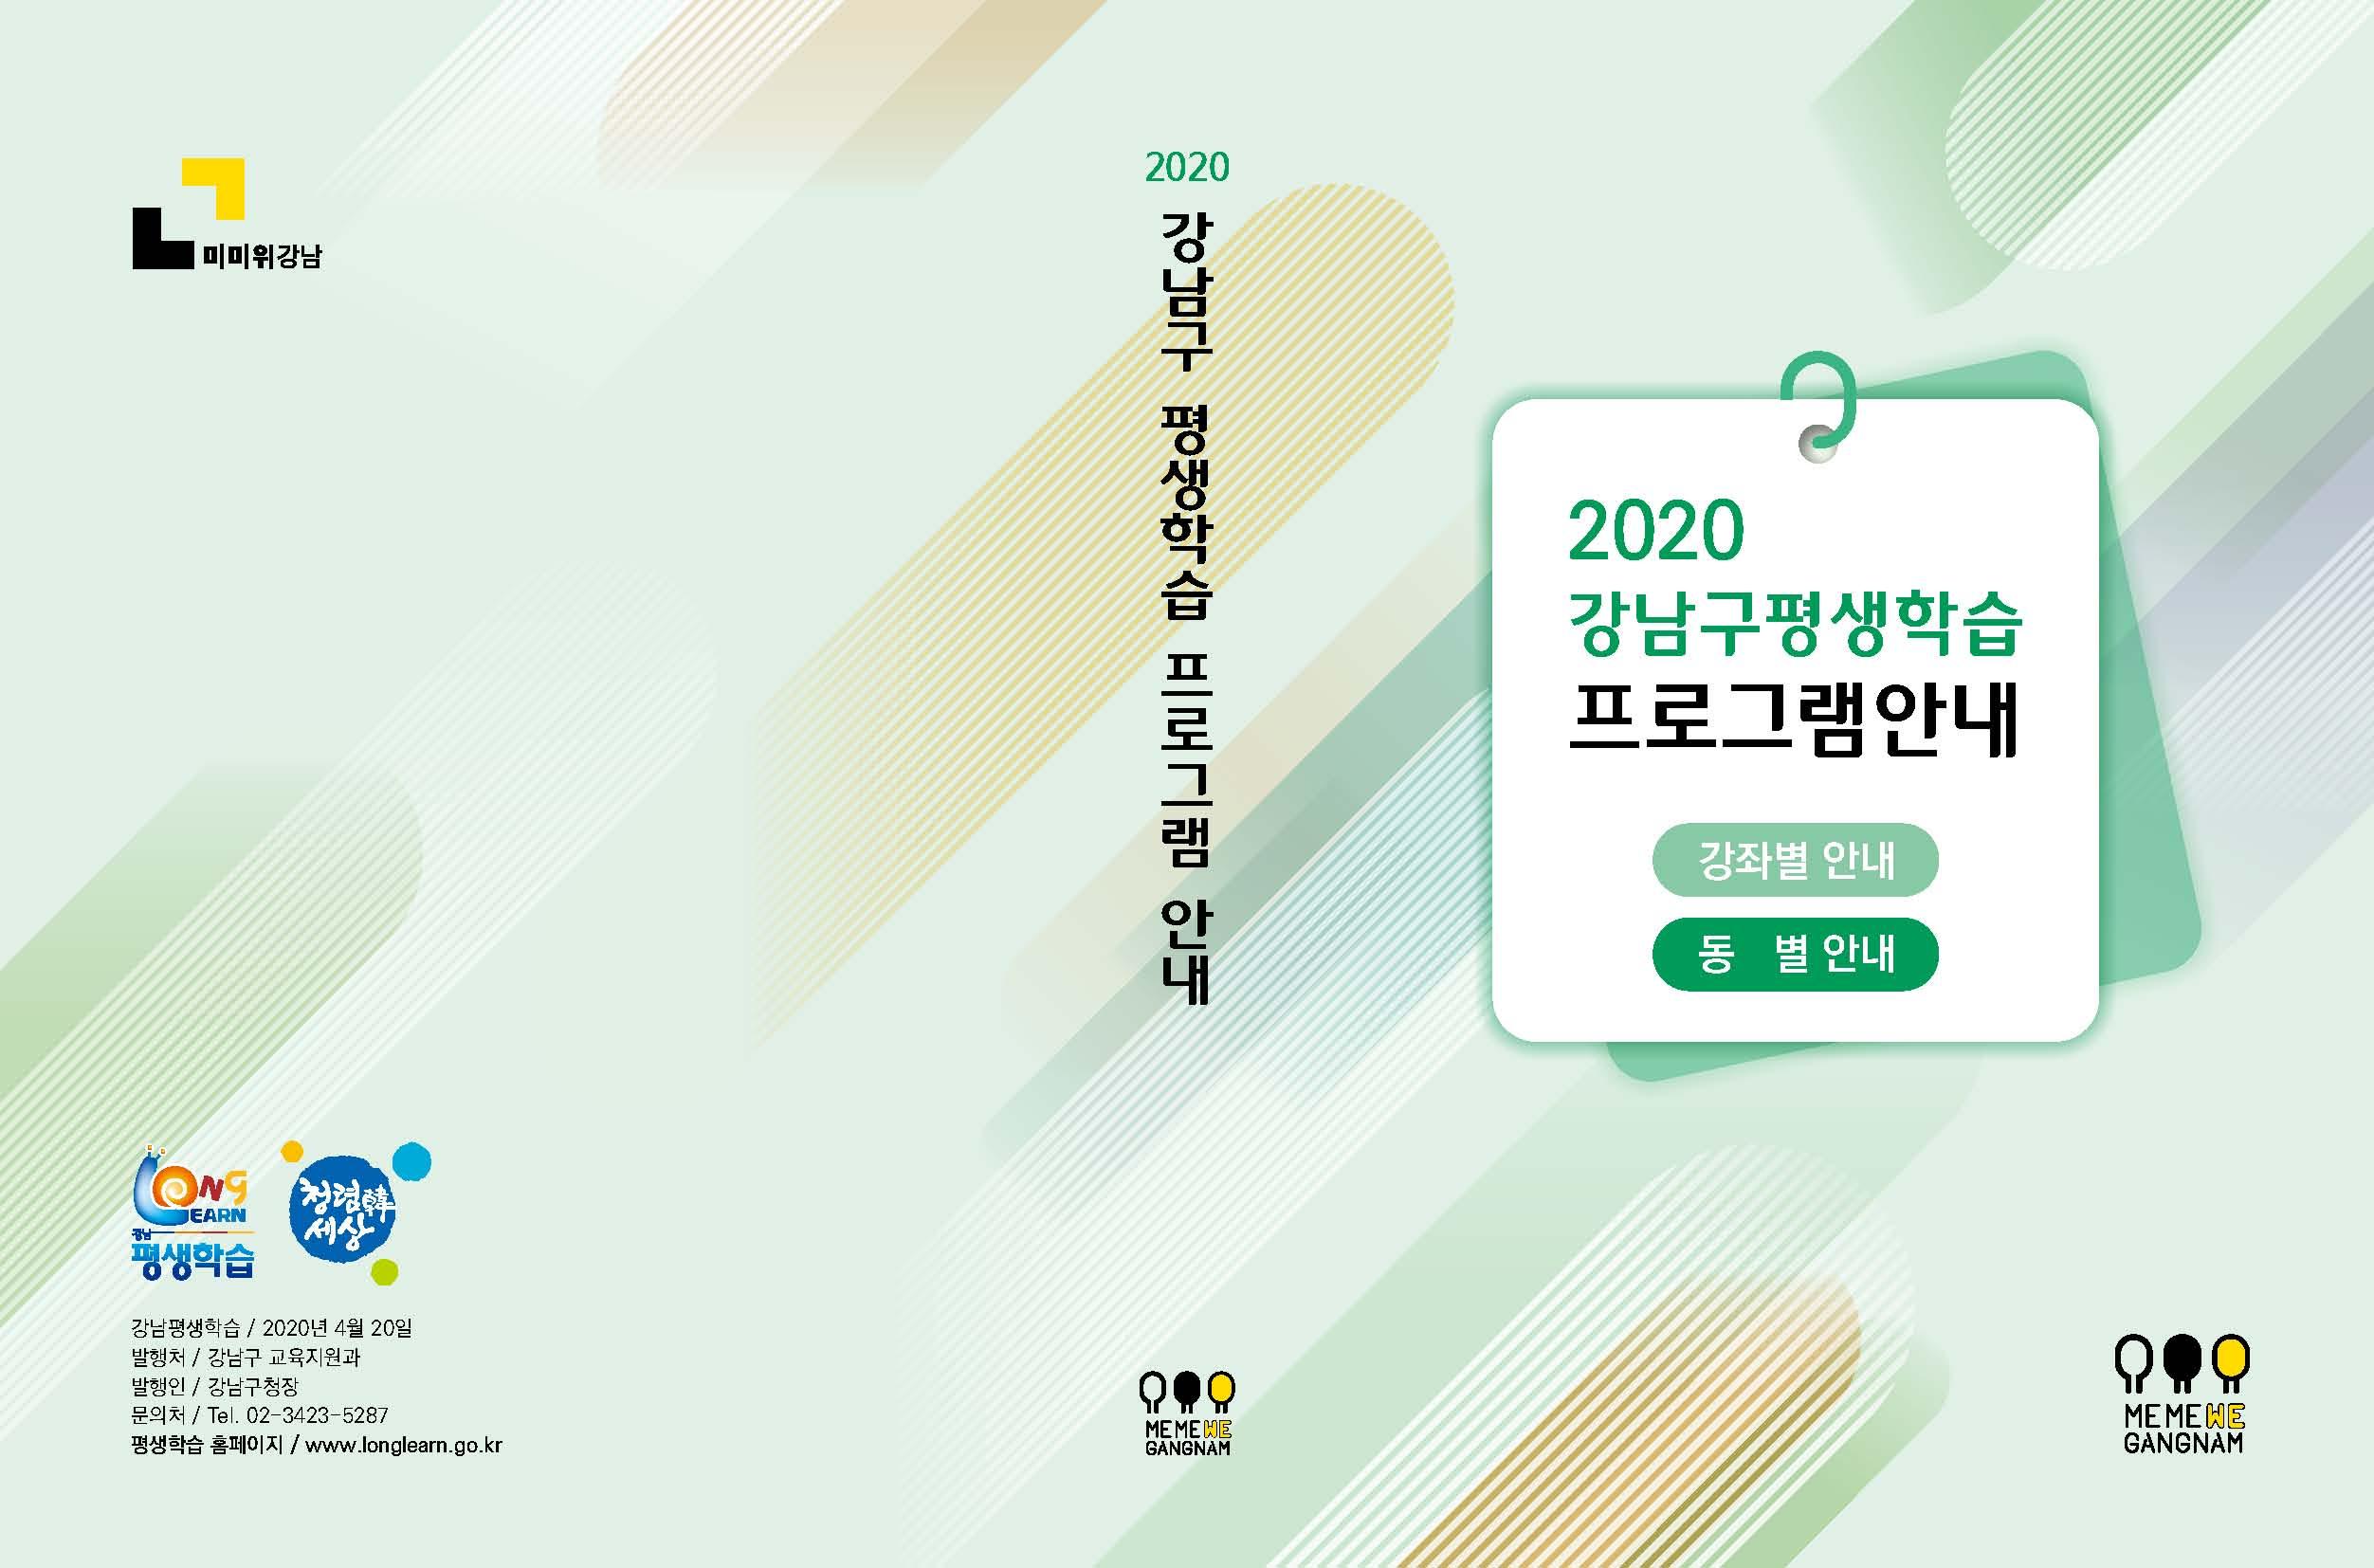 2020 강남구 평생학습 프로그램 안내 책자